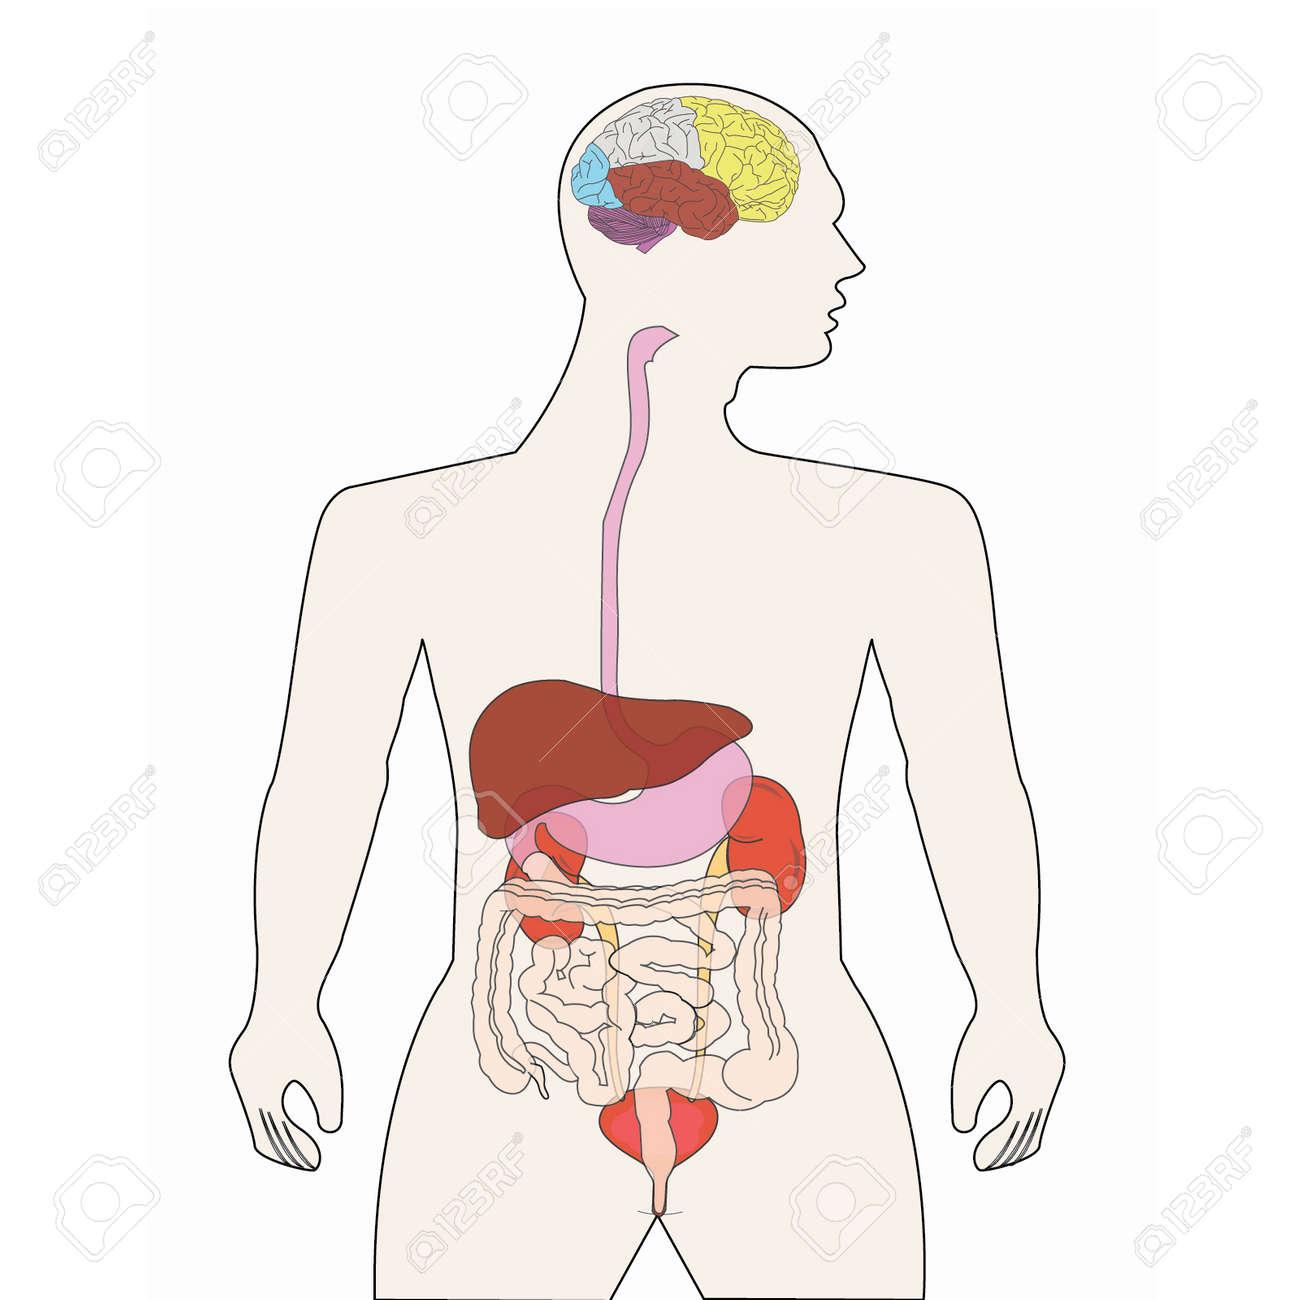 人体の器官 ロイヤリティフリークリップアート、ベクター、ストック